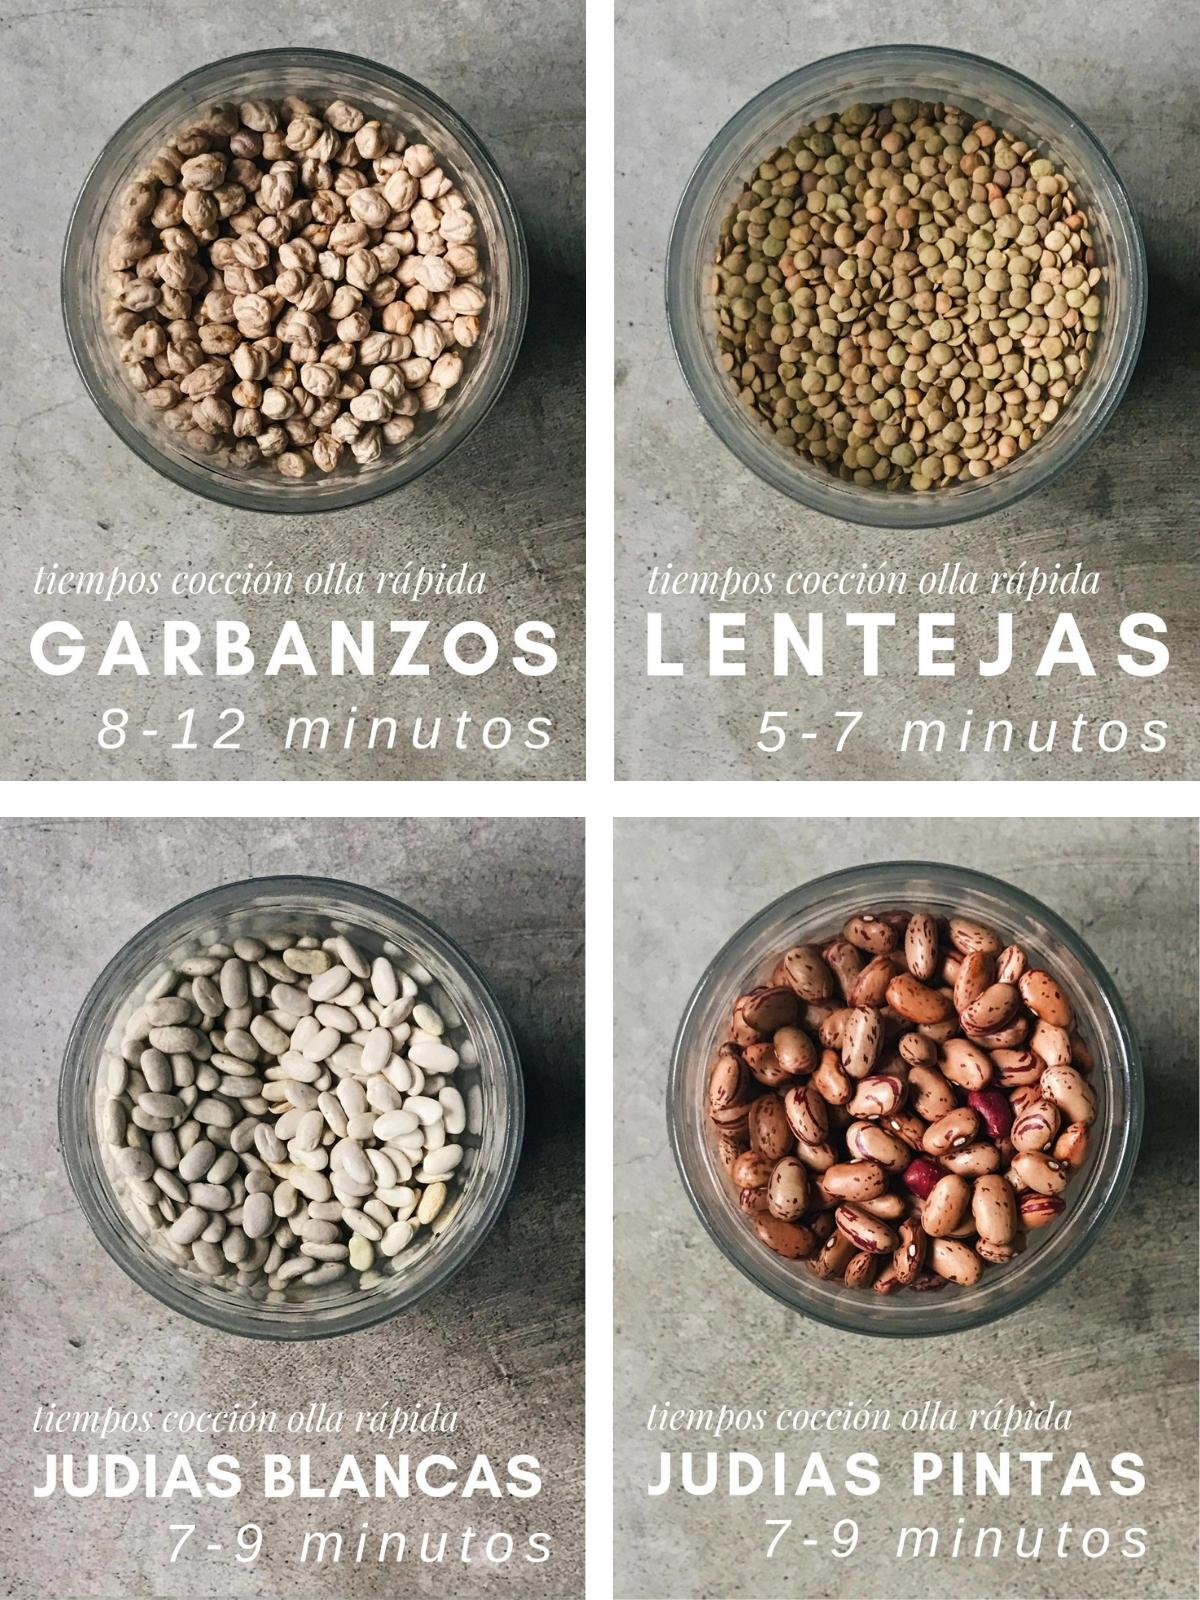 ¿Cuánto tiempo tardan en cocer las legumbres?